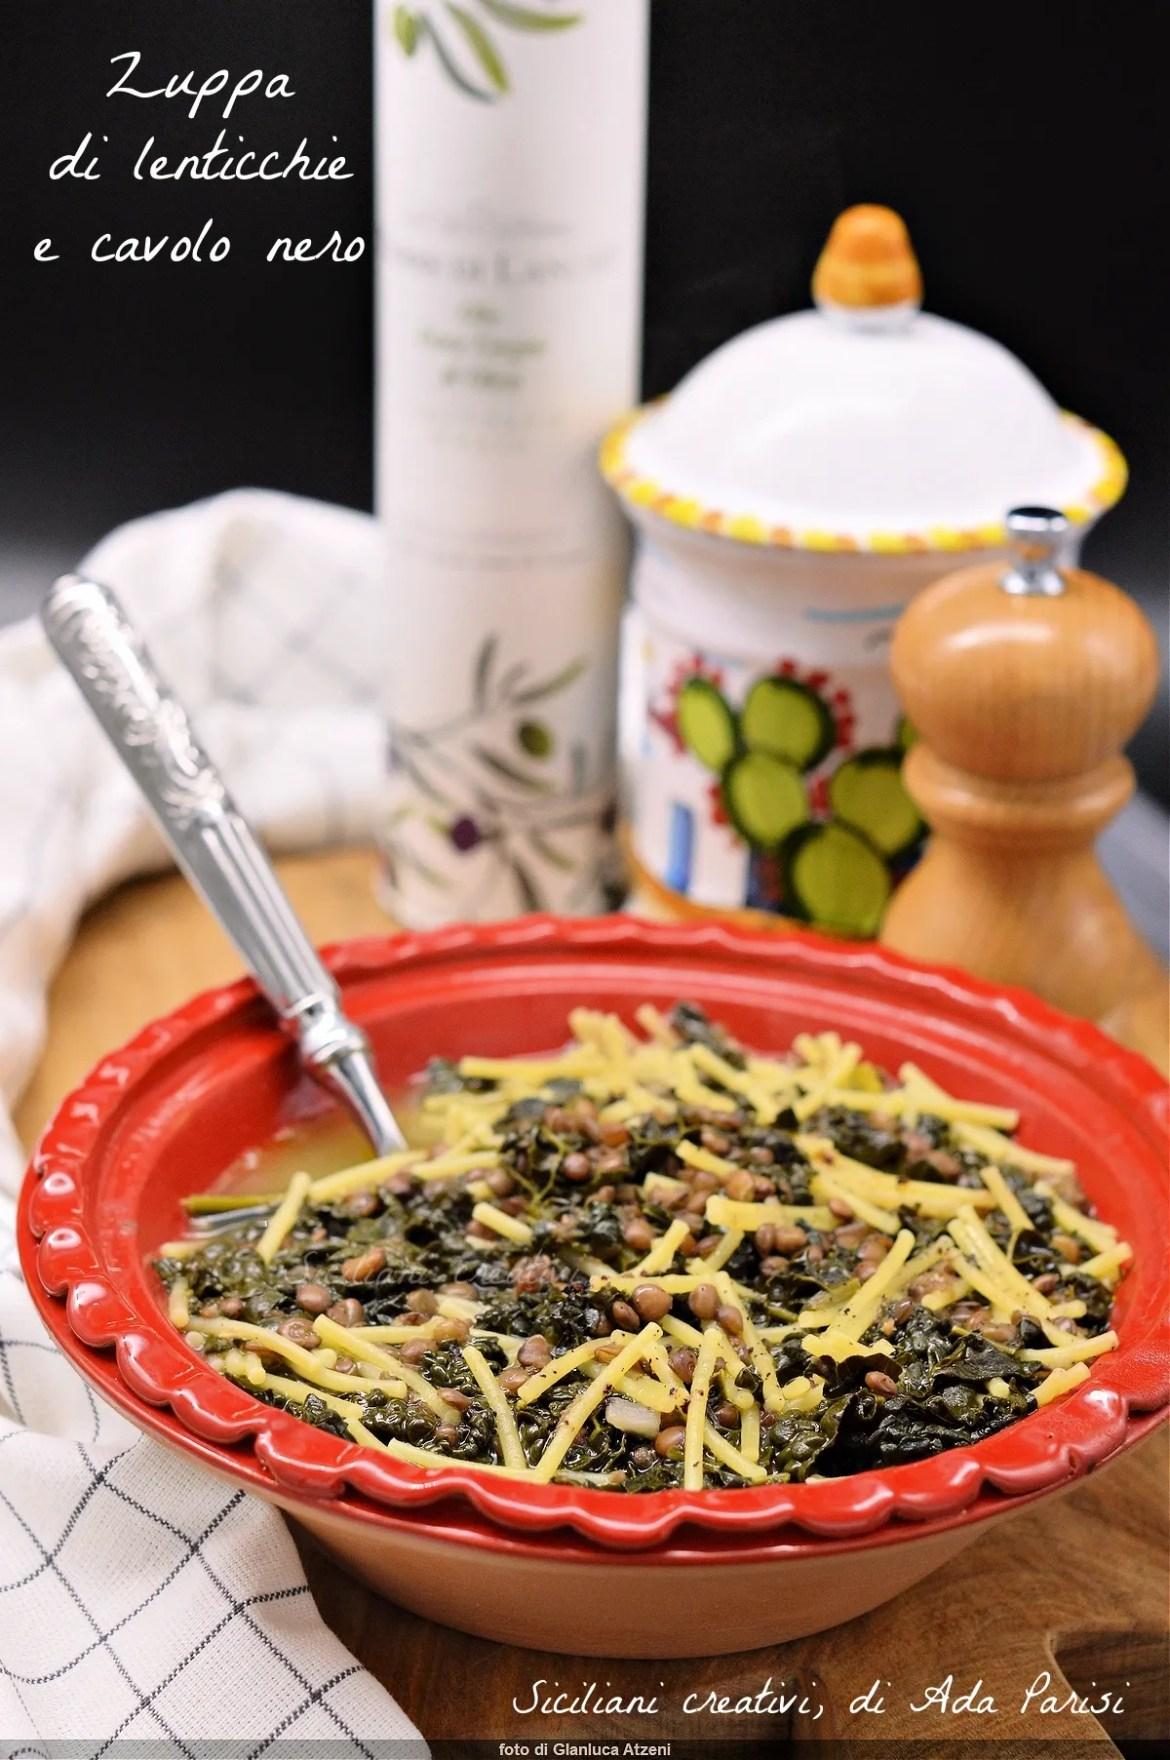 Zuppa di lenticchie e cavolo nero